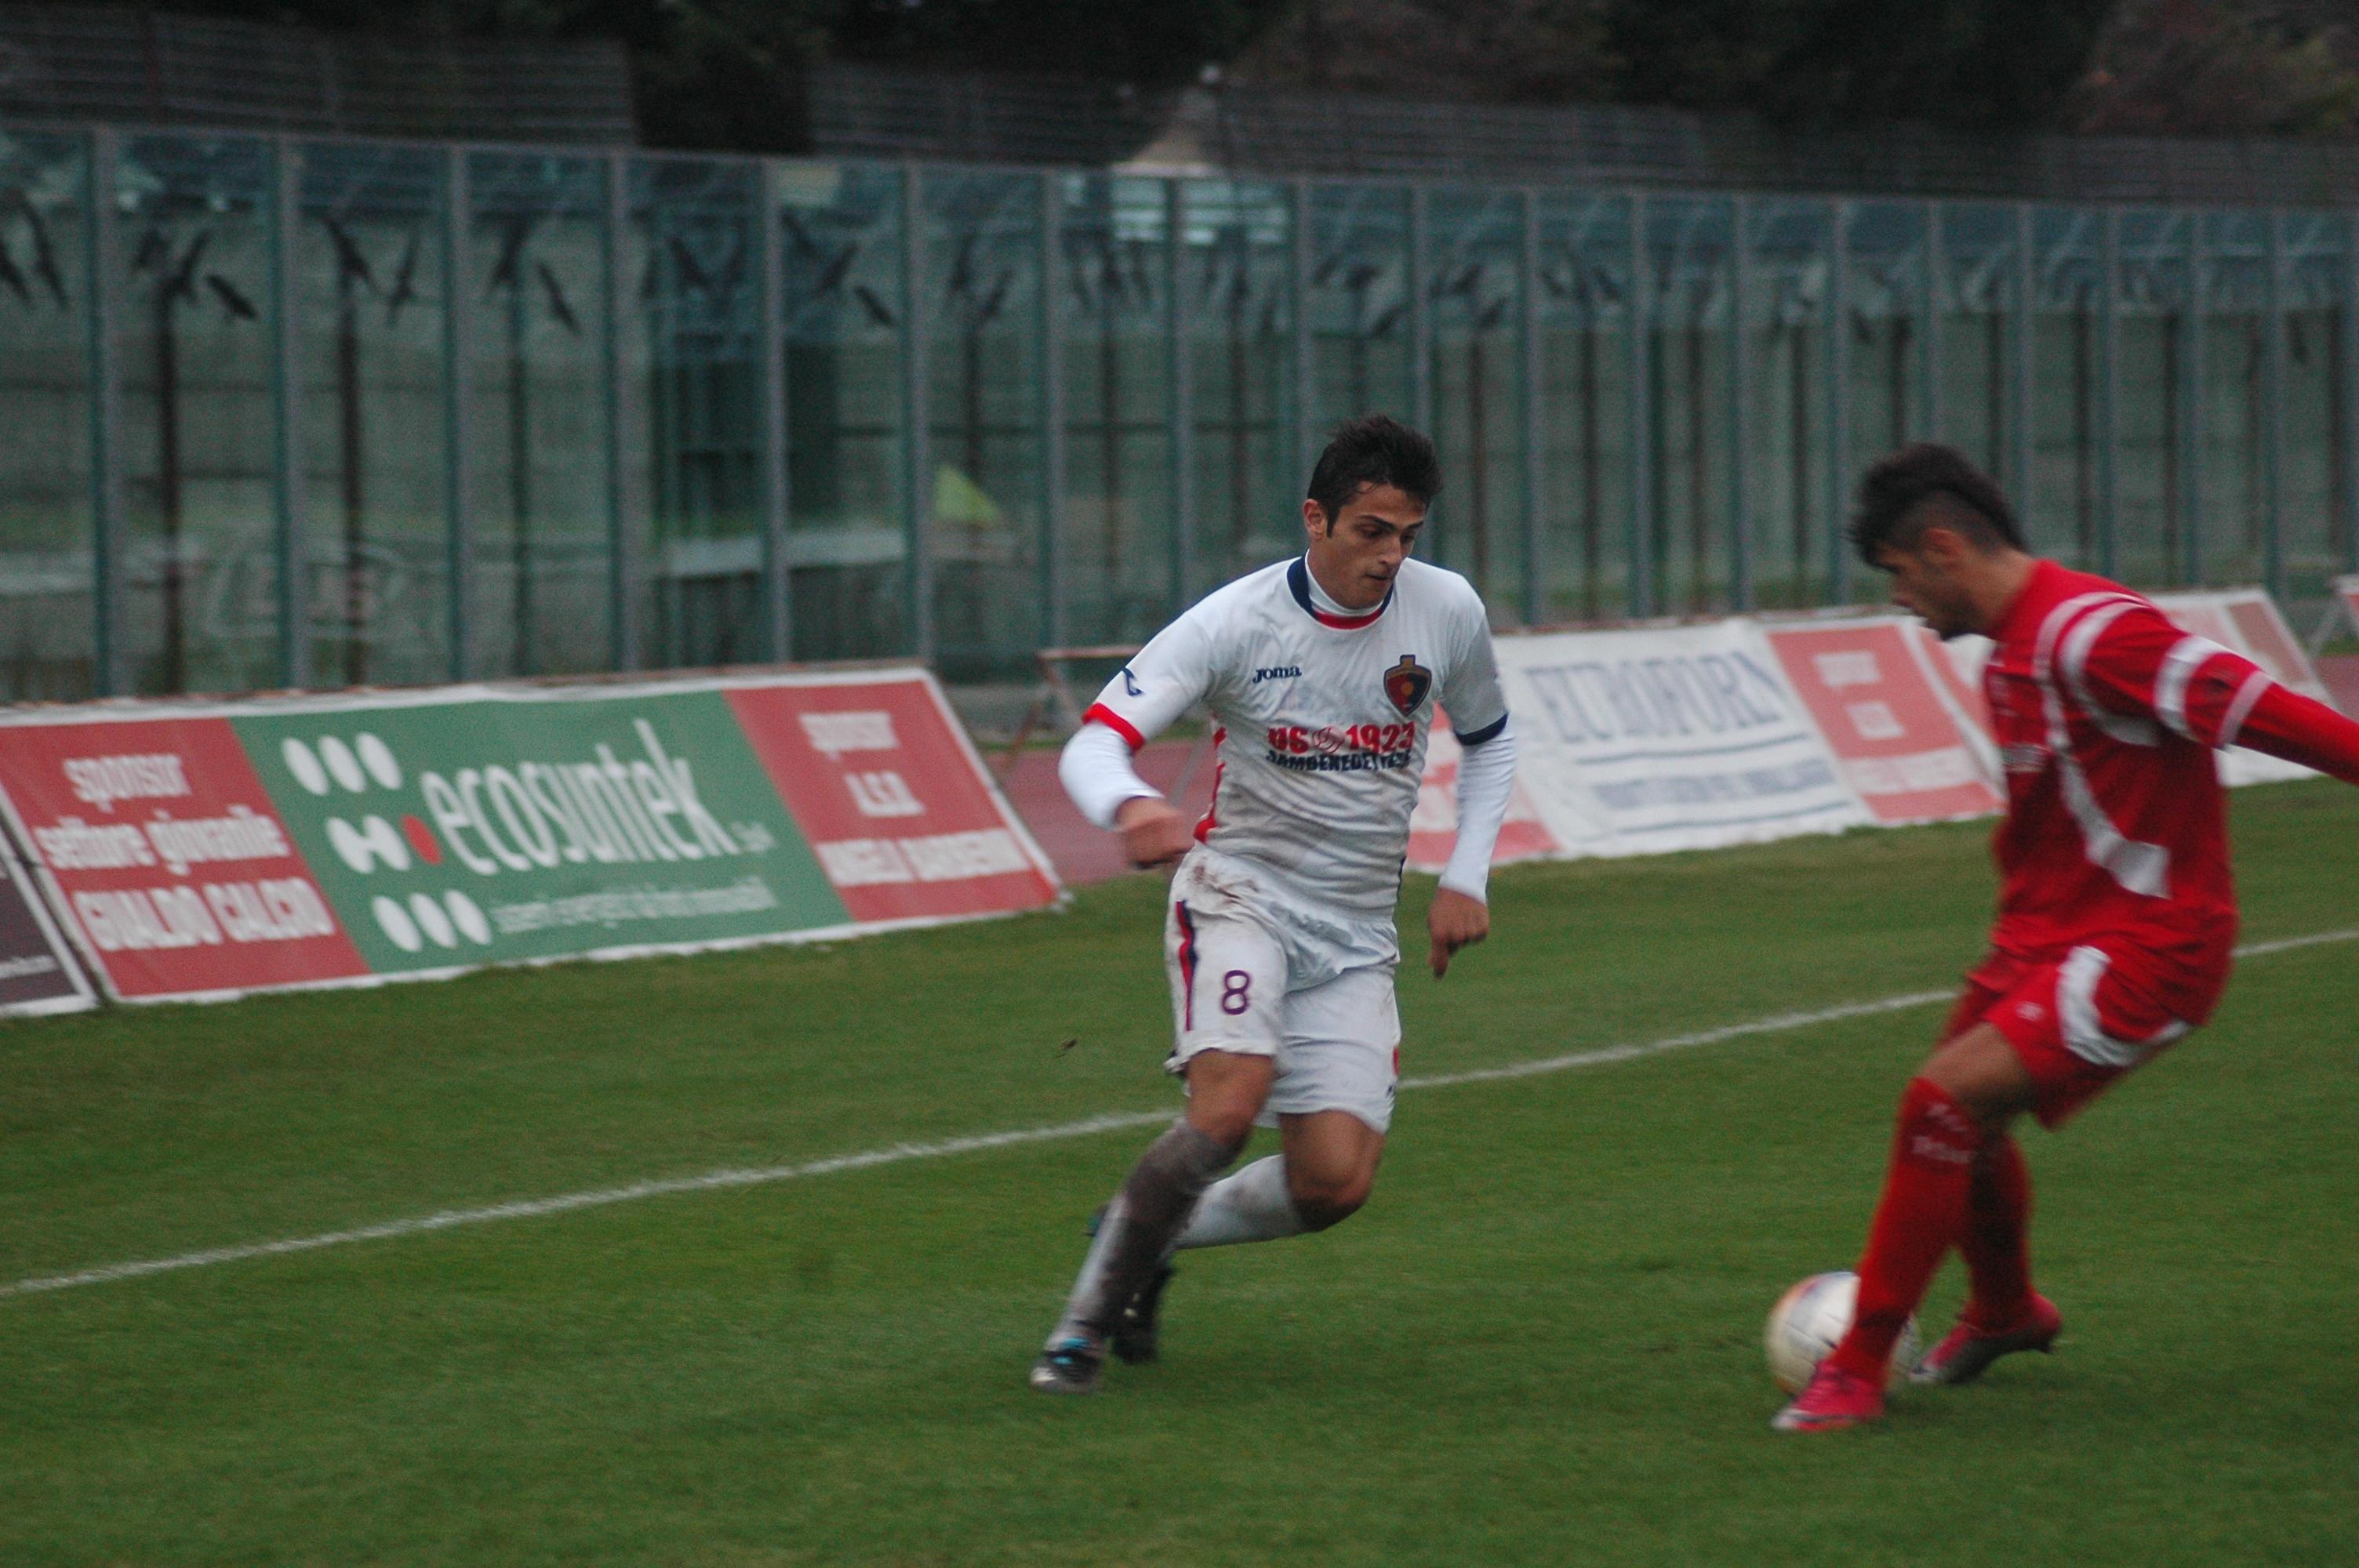 Samb-Ancona, Carpani in azione (GIAMMUSSO)